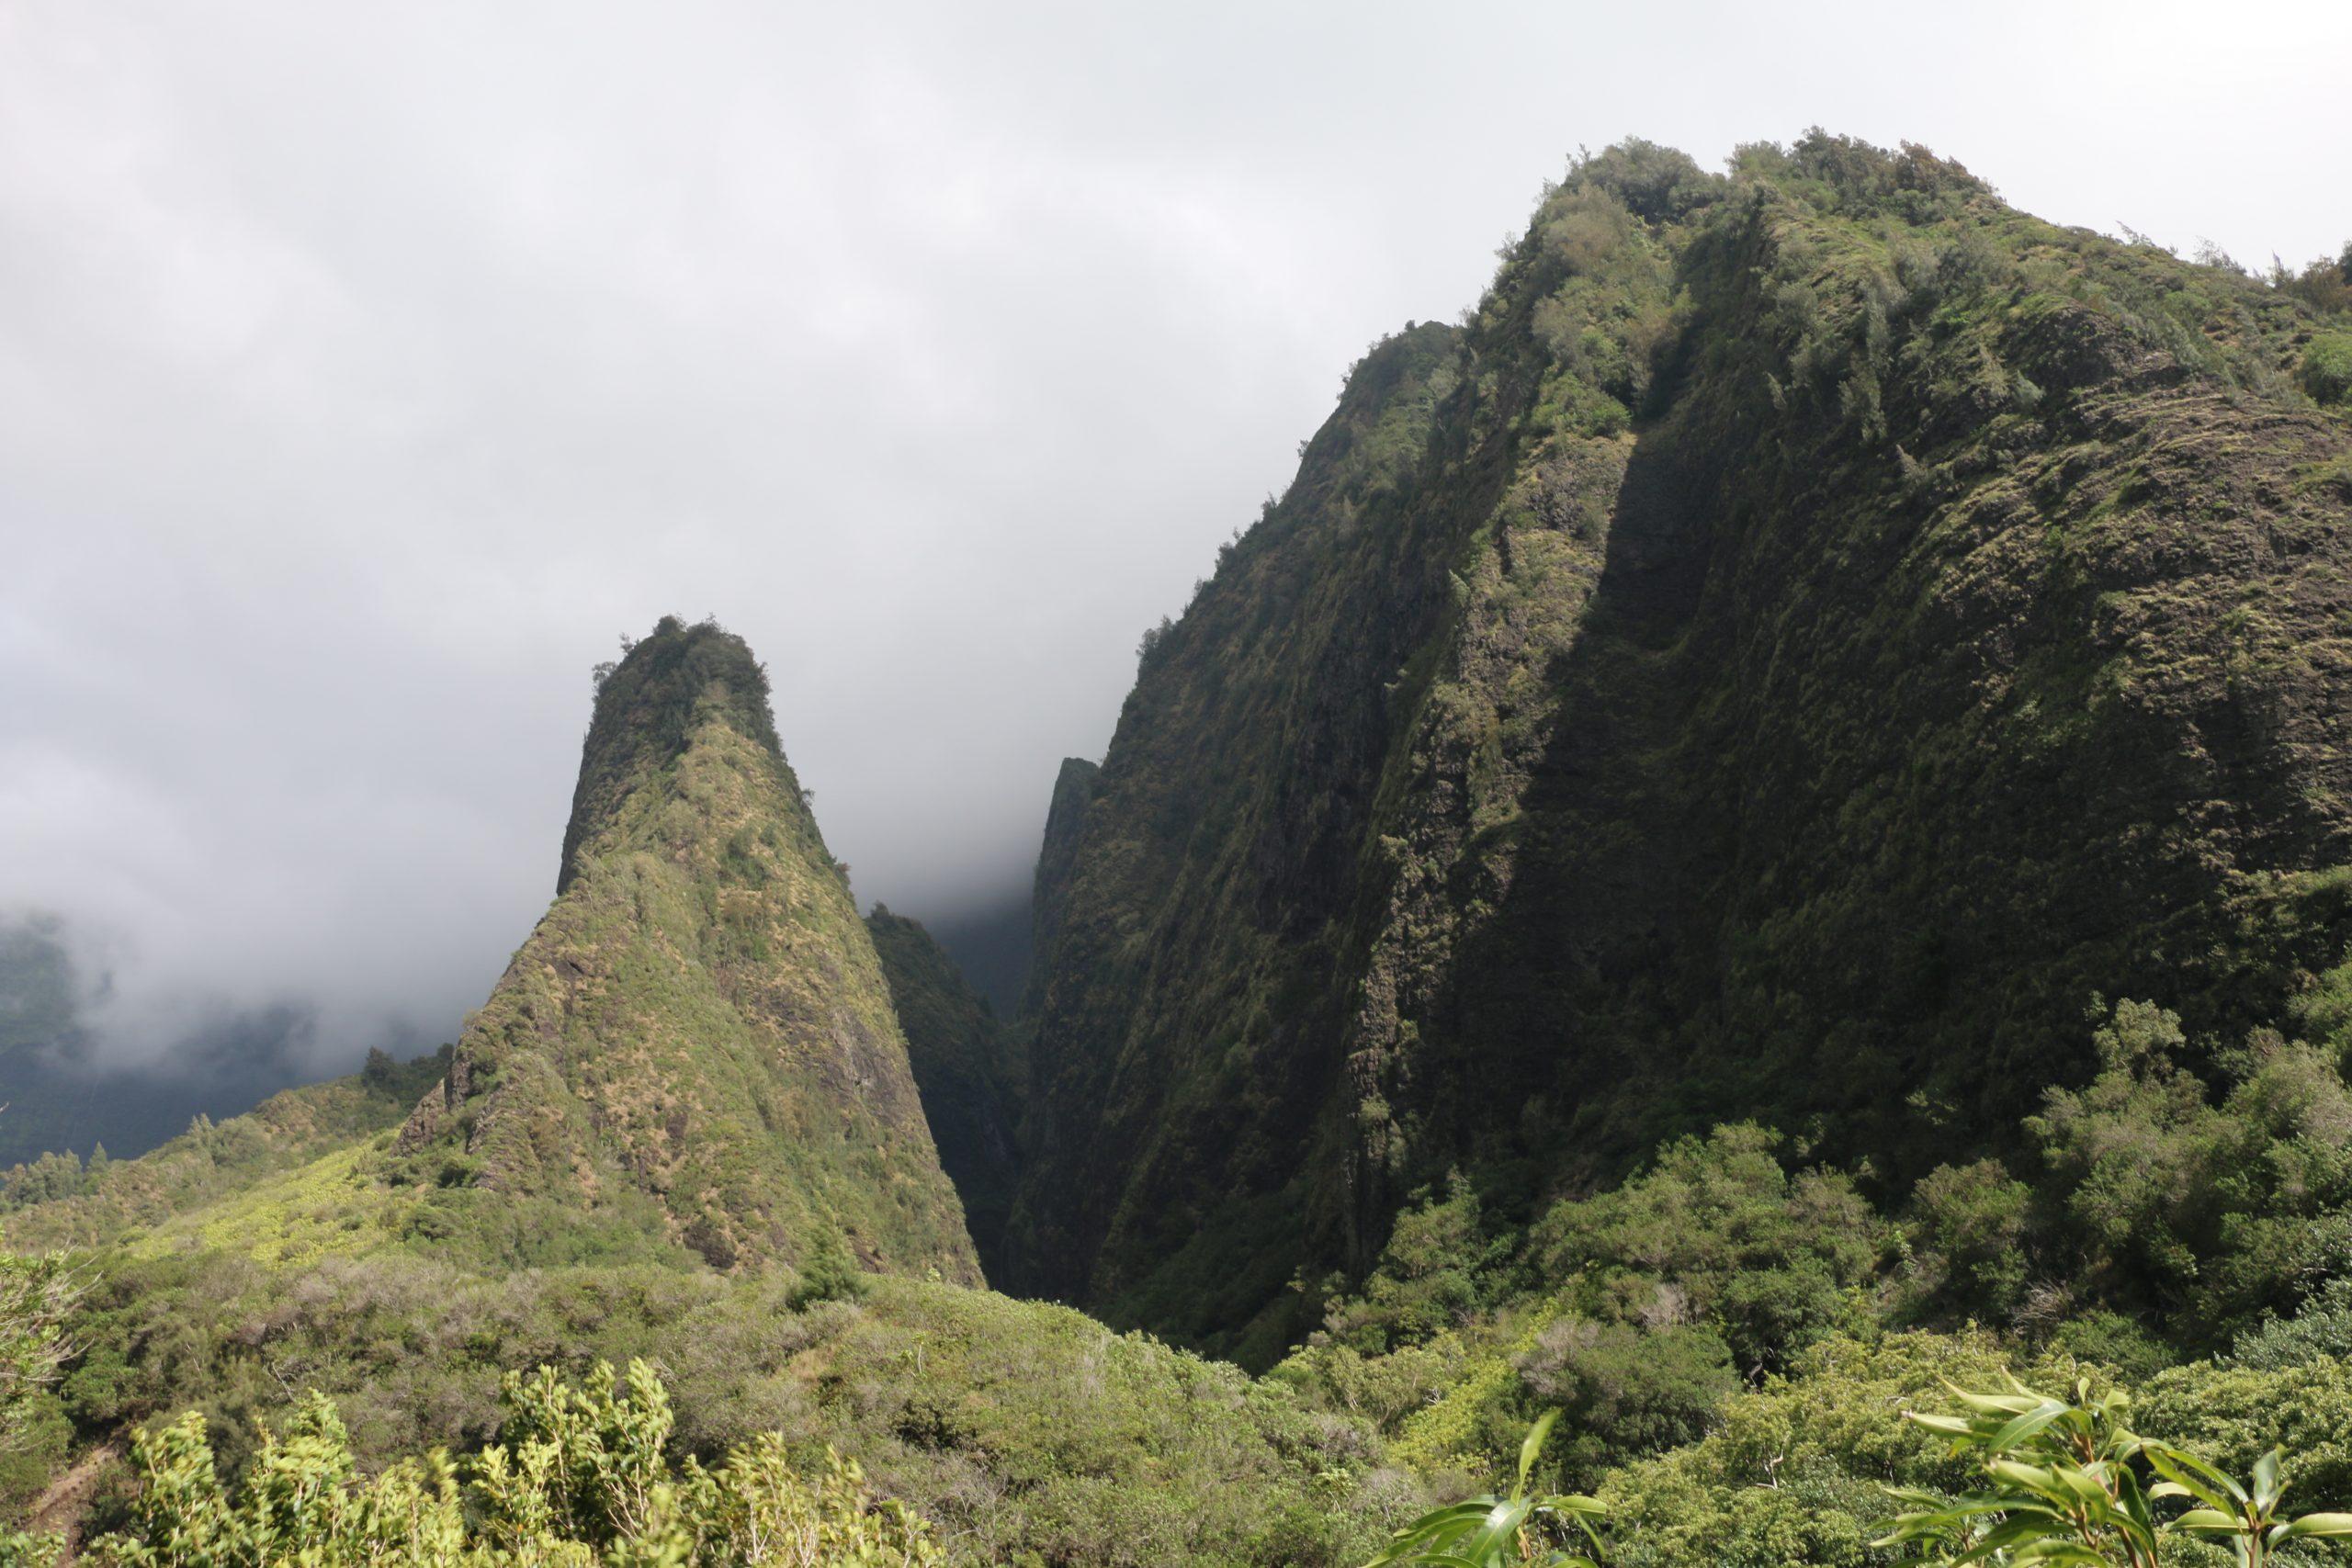 Hawaiian Islands | Iao Valley State Park, Maui, Hawaii